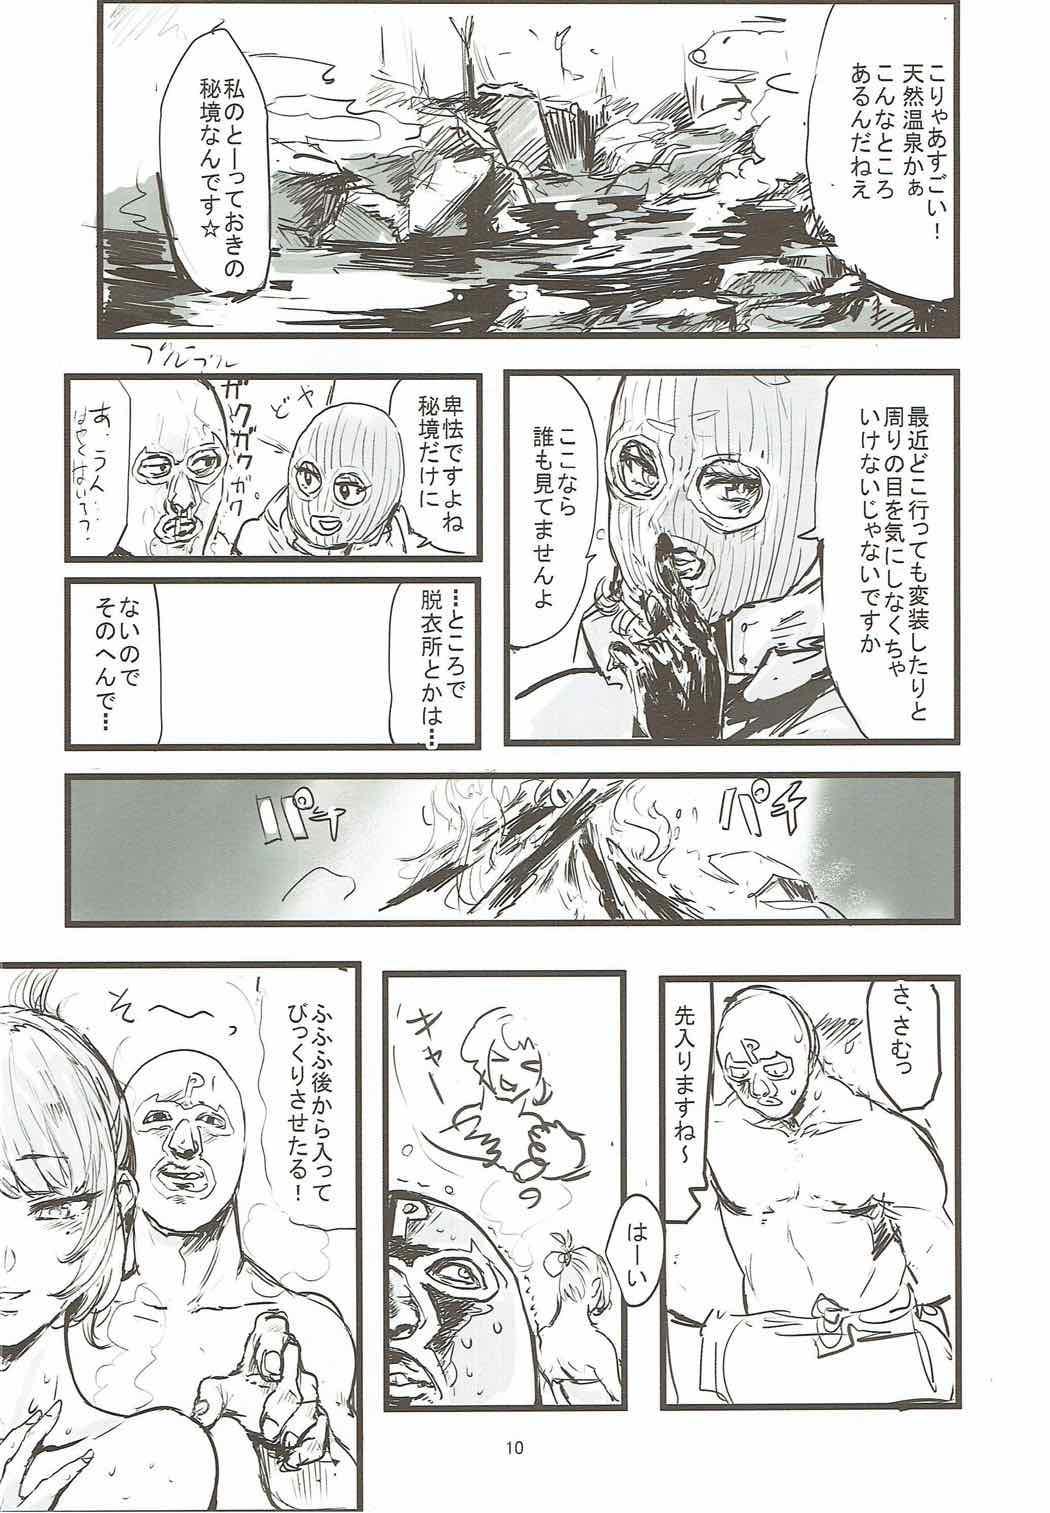 Yukemuri Hitou Kaede no Yu 8